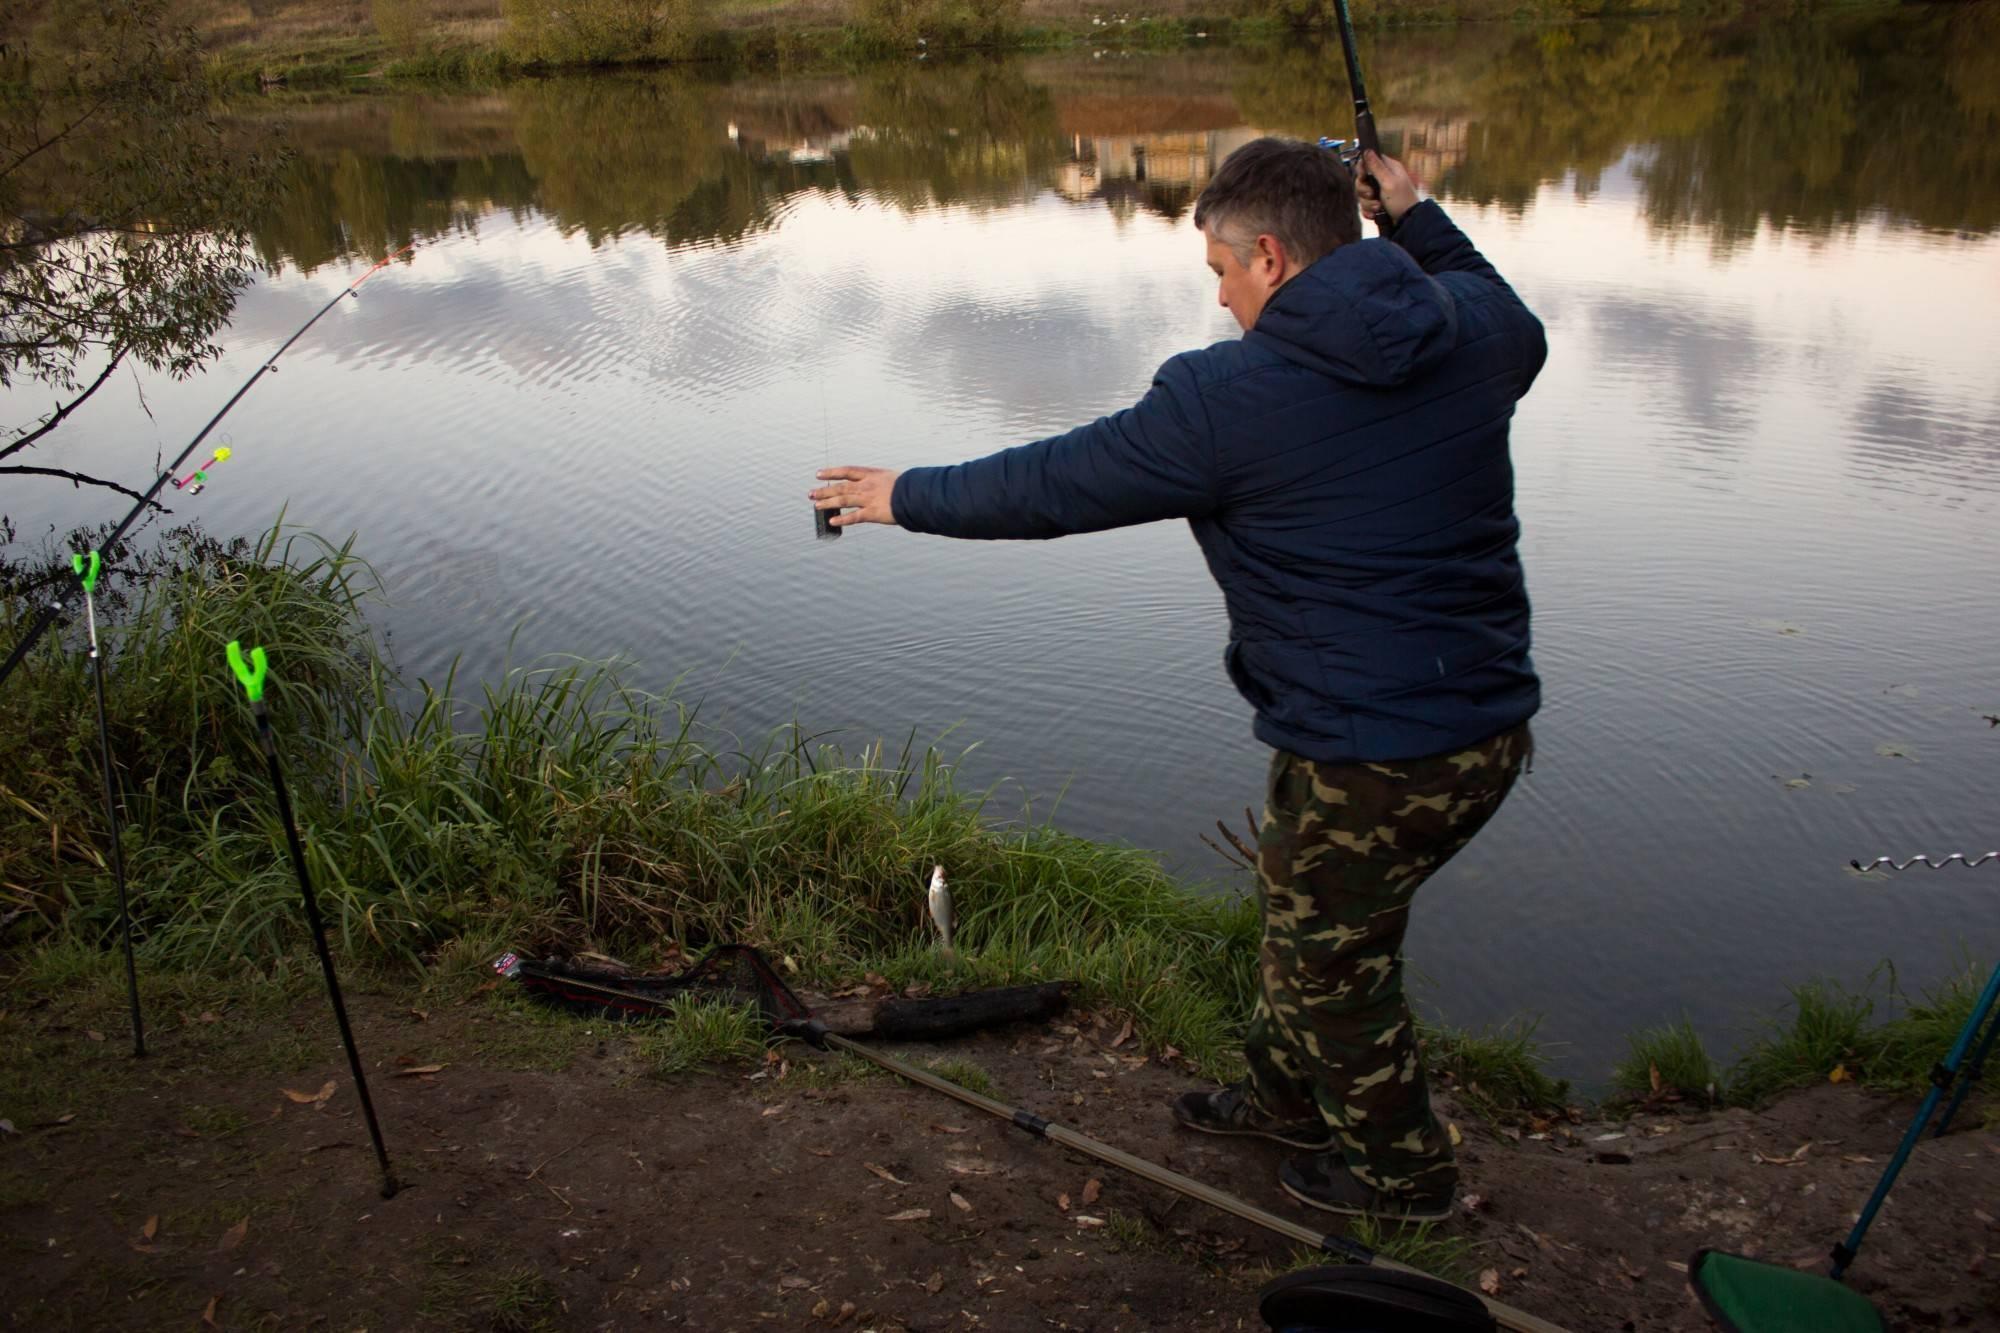 Подольск - календарь рыболова. рыбалка в подольске, график клёва рыбы.